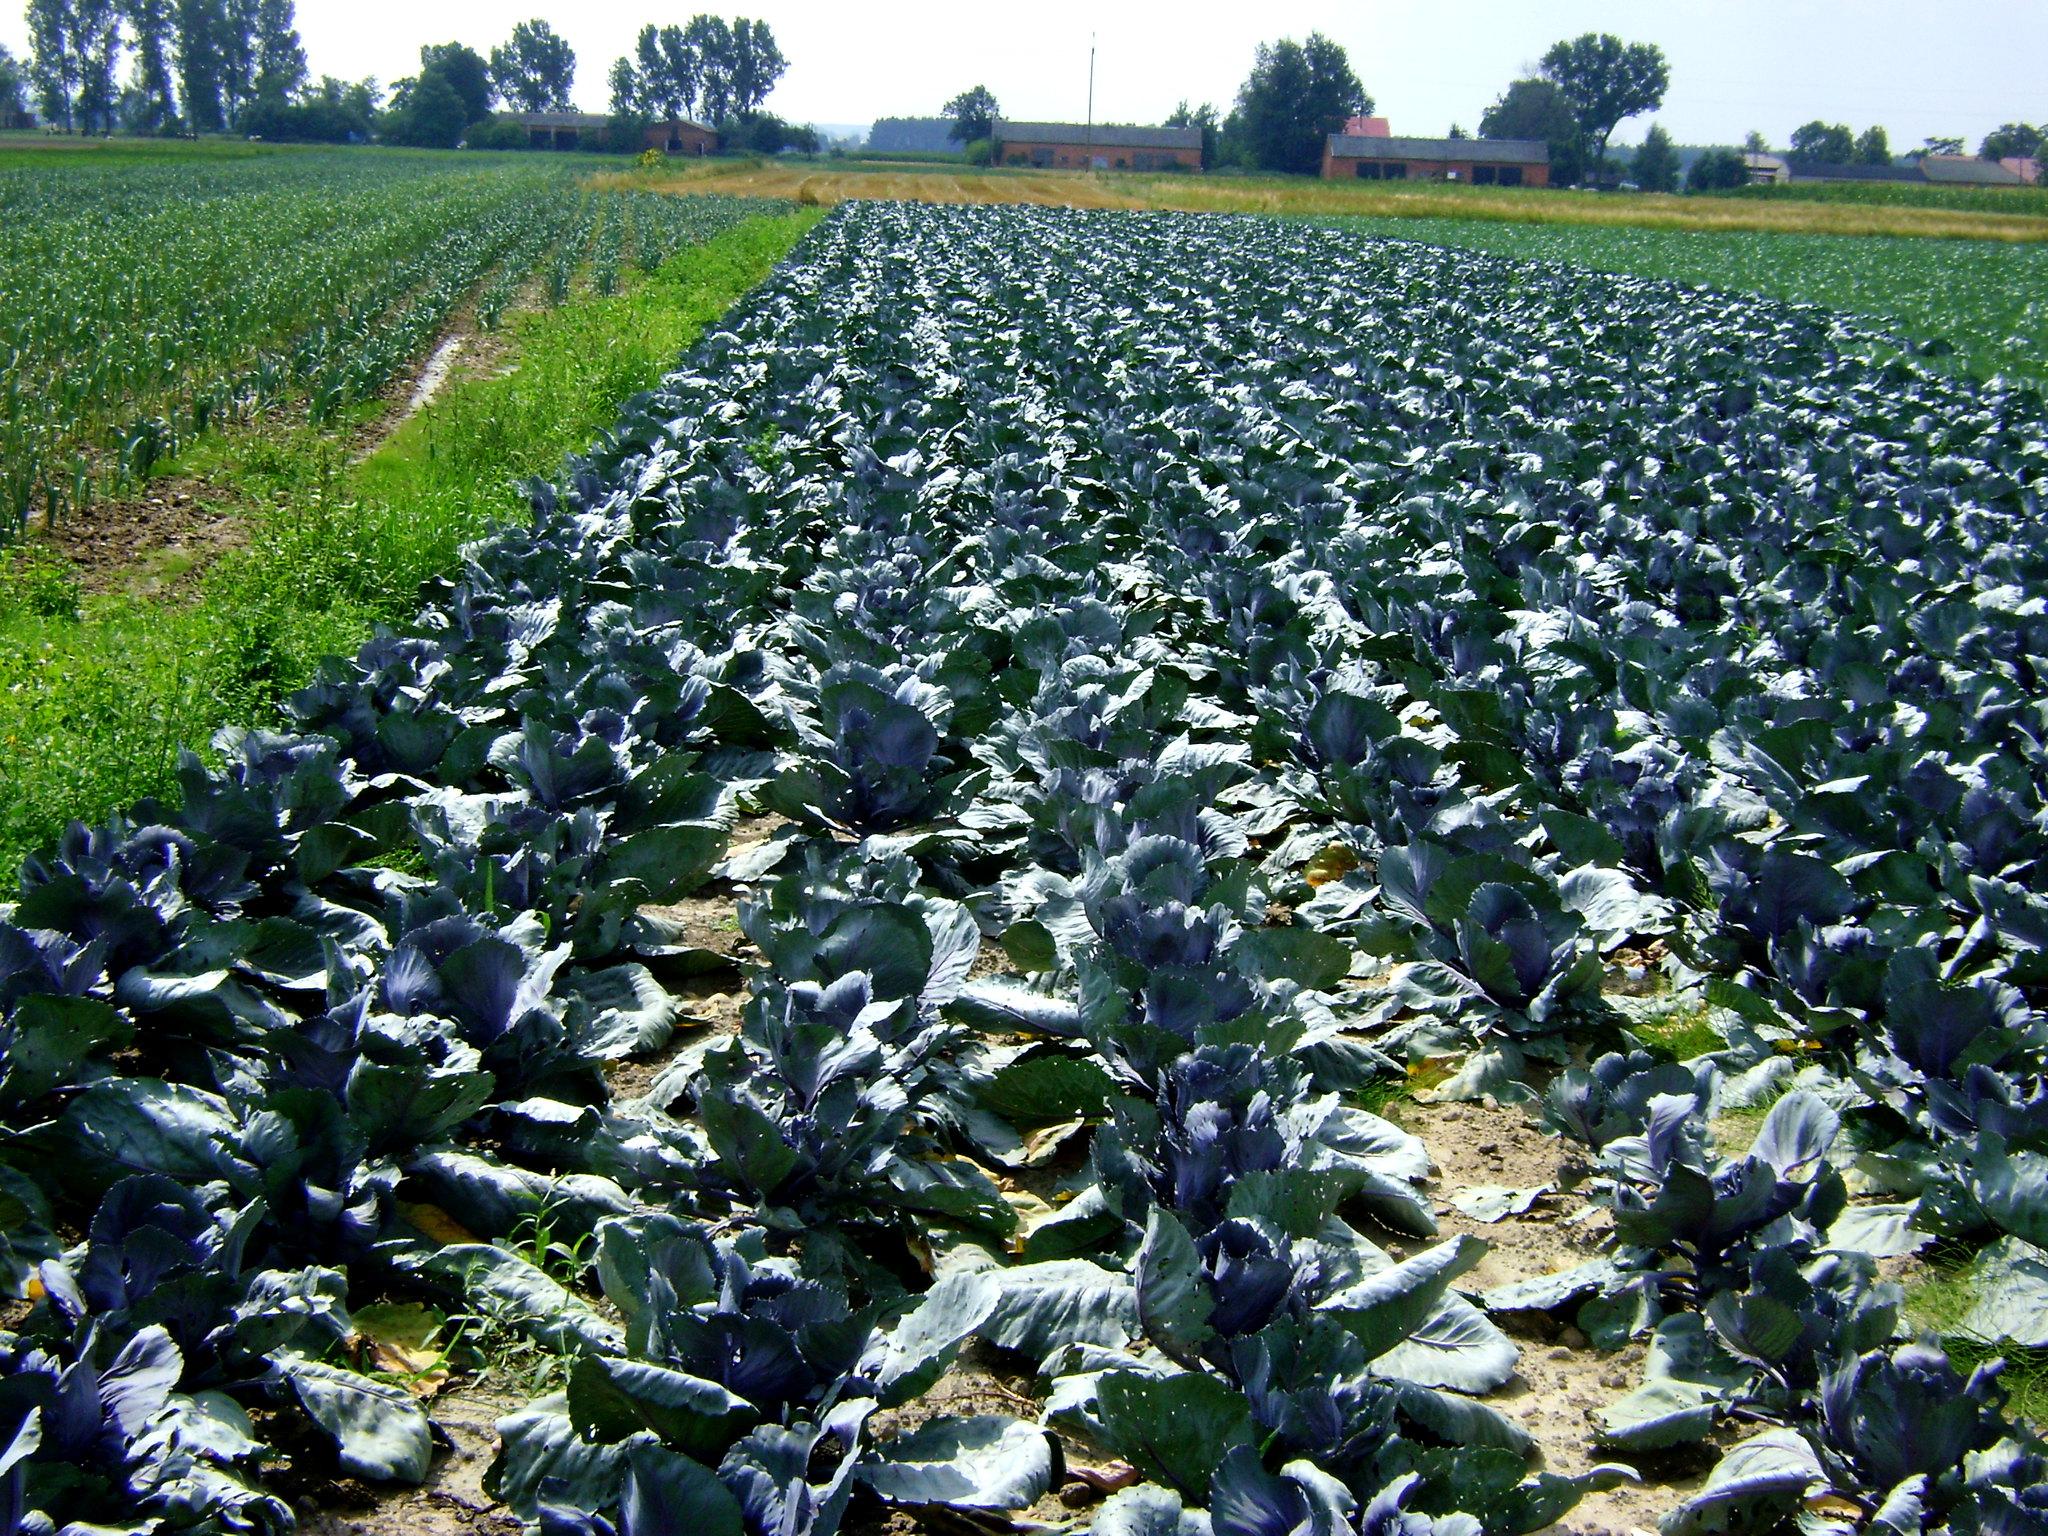 pola pełne warzyw, tu akurat kapusty